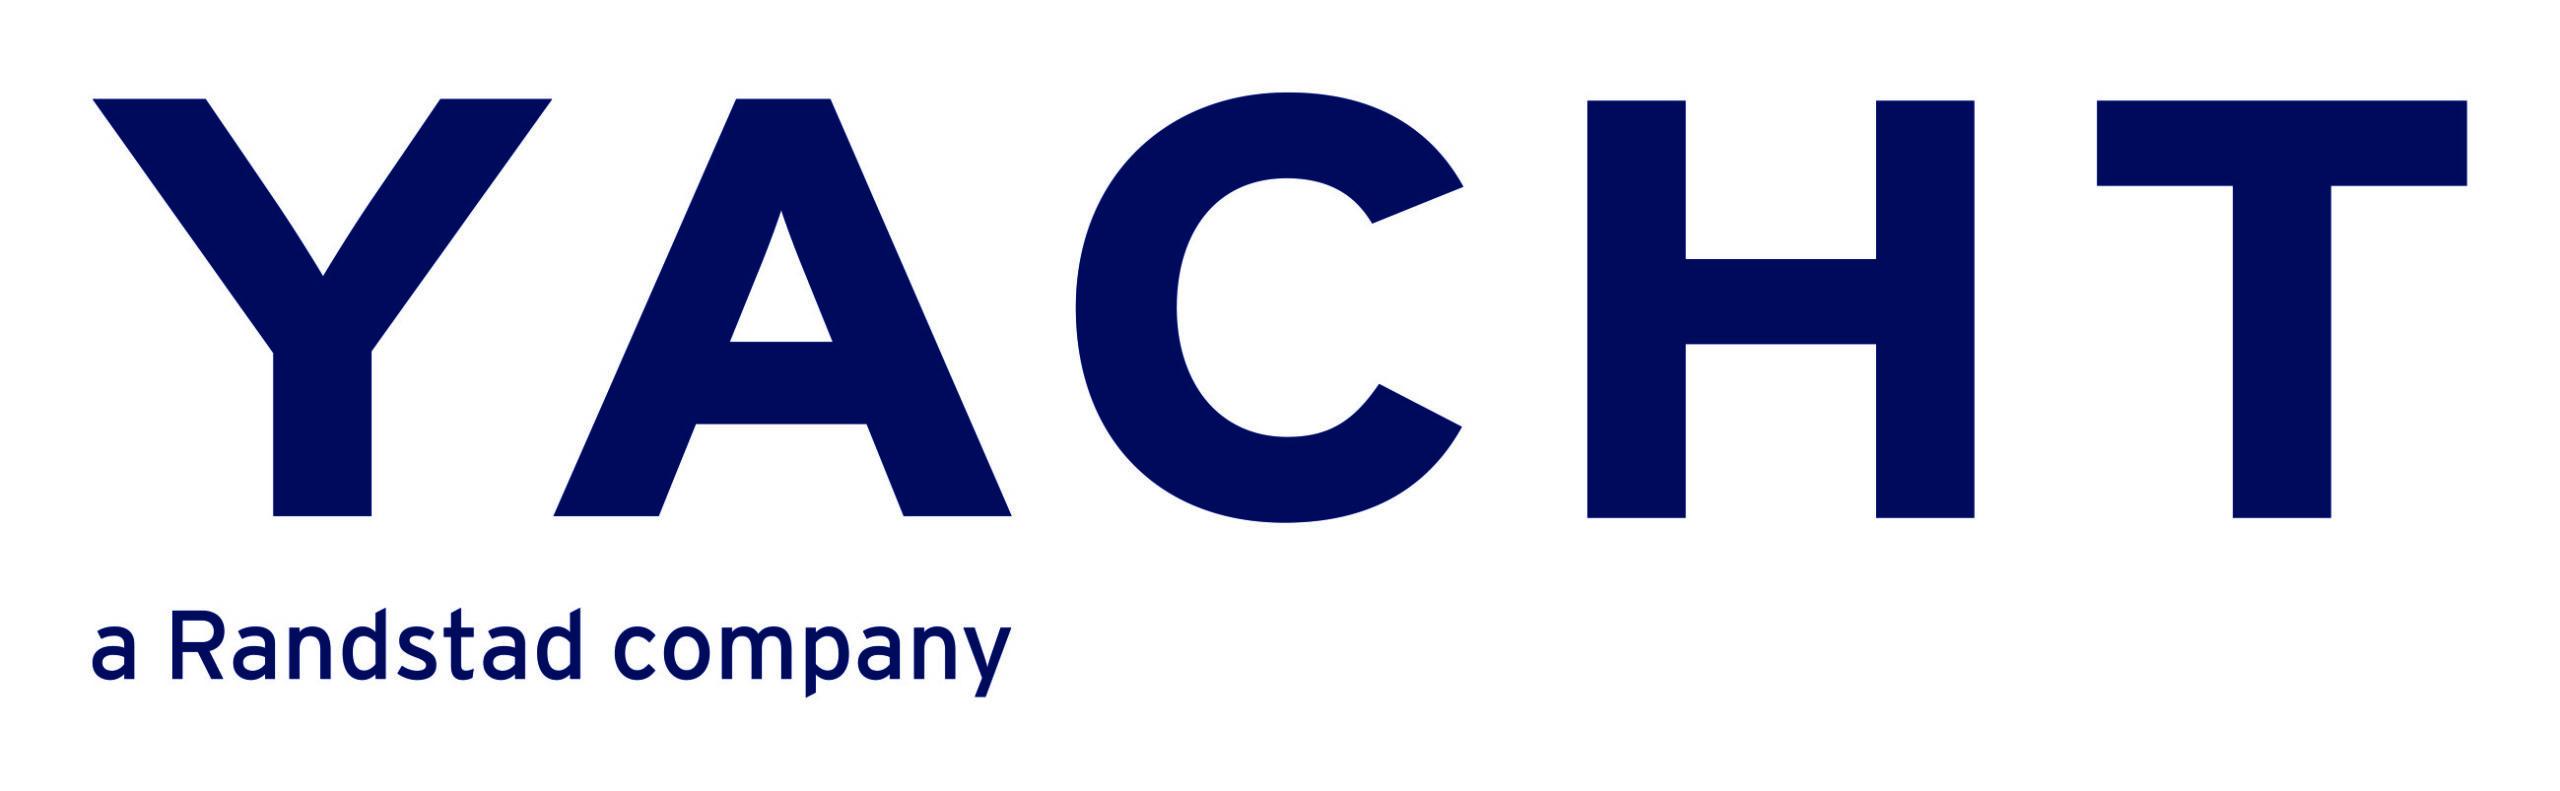 WiDS 2021 sponsor | Yacht